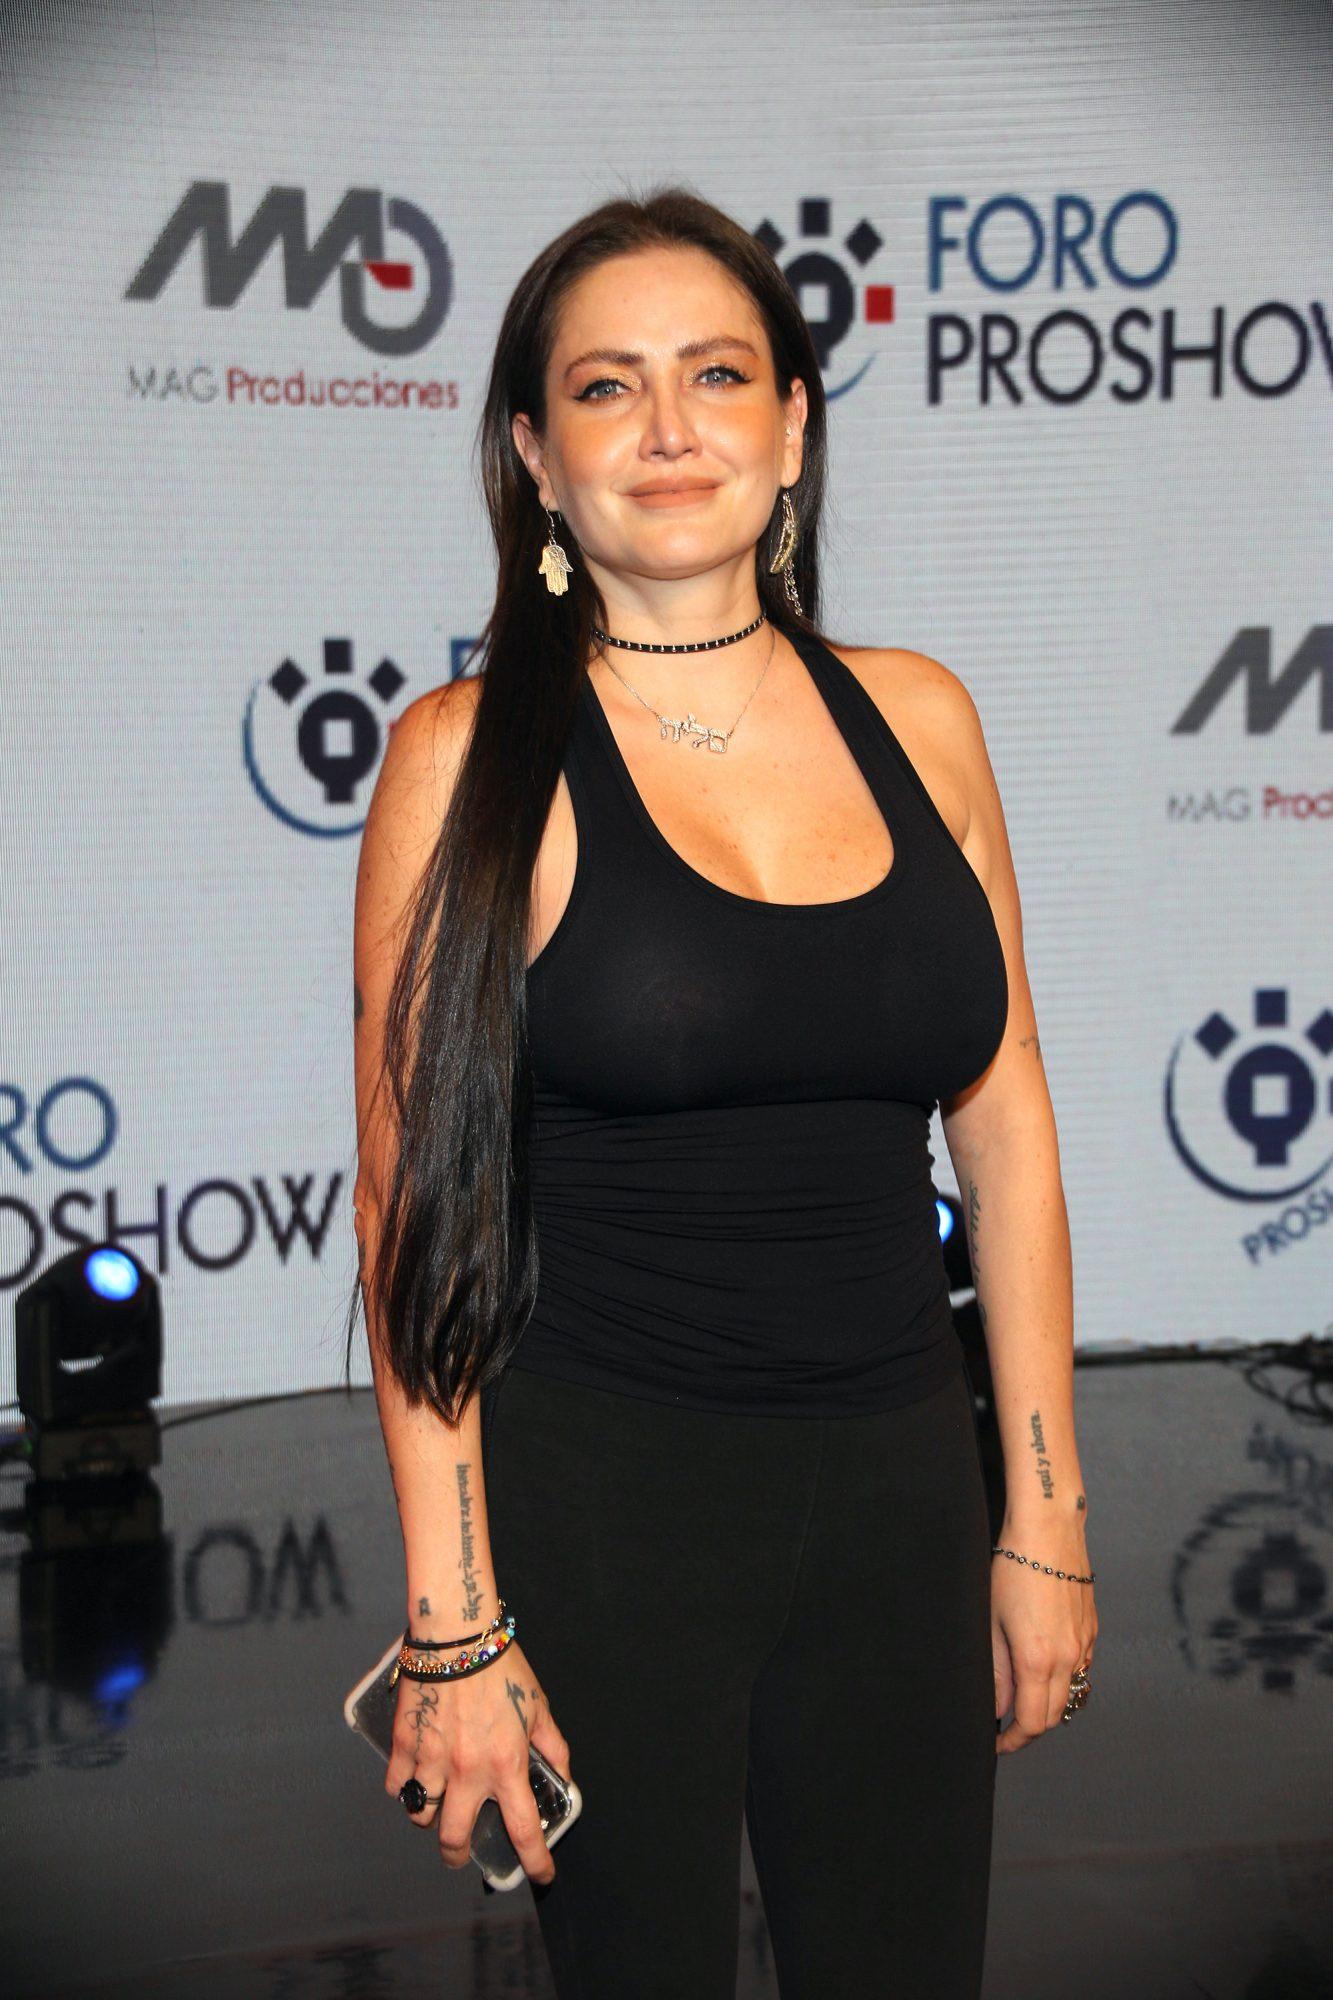 """Celia Lora en Foro ProShow, un espacio desde el cual se transmiten contenidos en streaming y que en esta ocasión estrena """"Make Up Show"""" con secretos de maquillaje"""